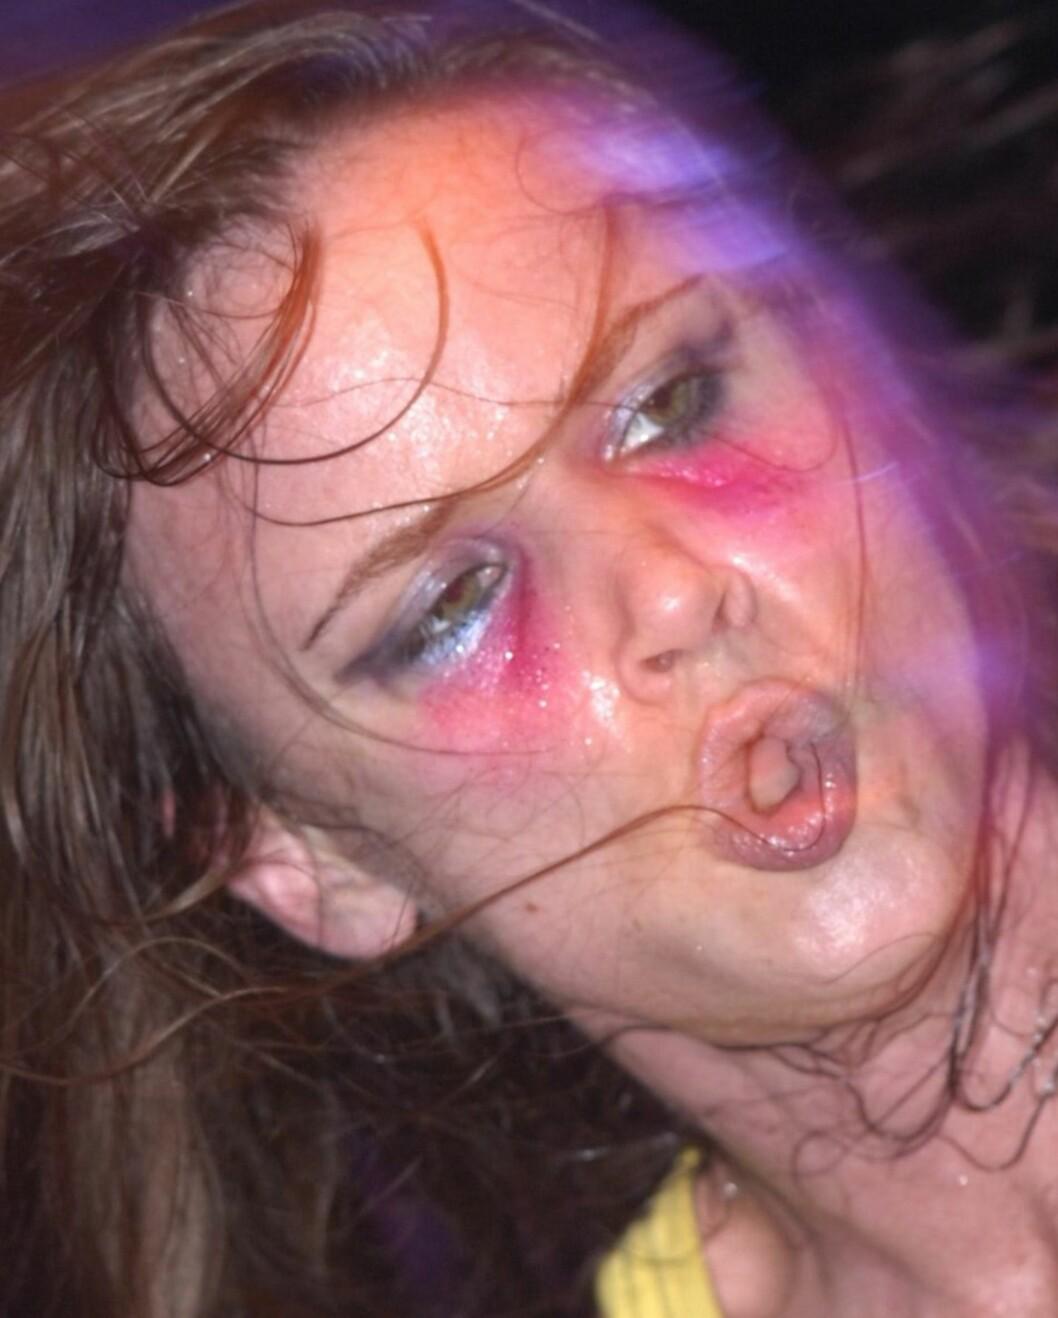 Hvor var det leppestiften skulle igjen? Under øynene? Rockeren og skuespilleren Juliette Lewis husker ikke helt.